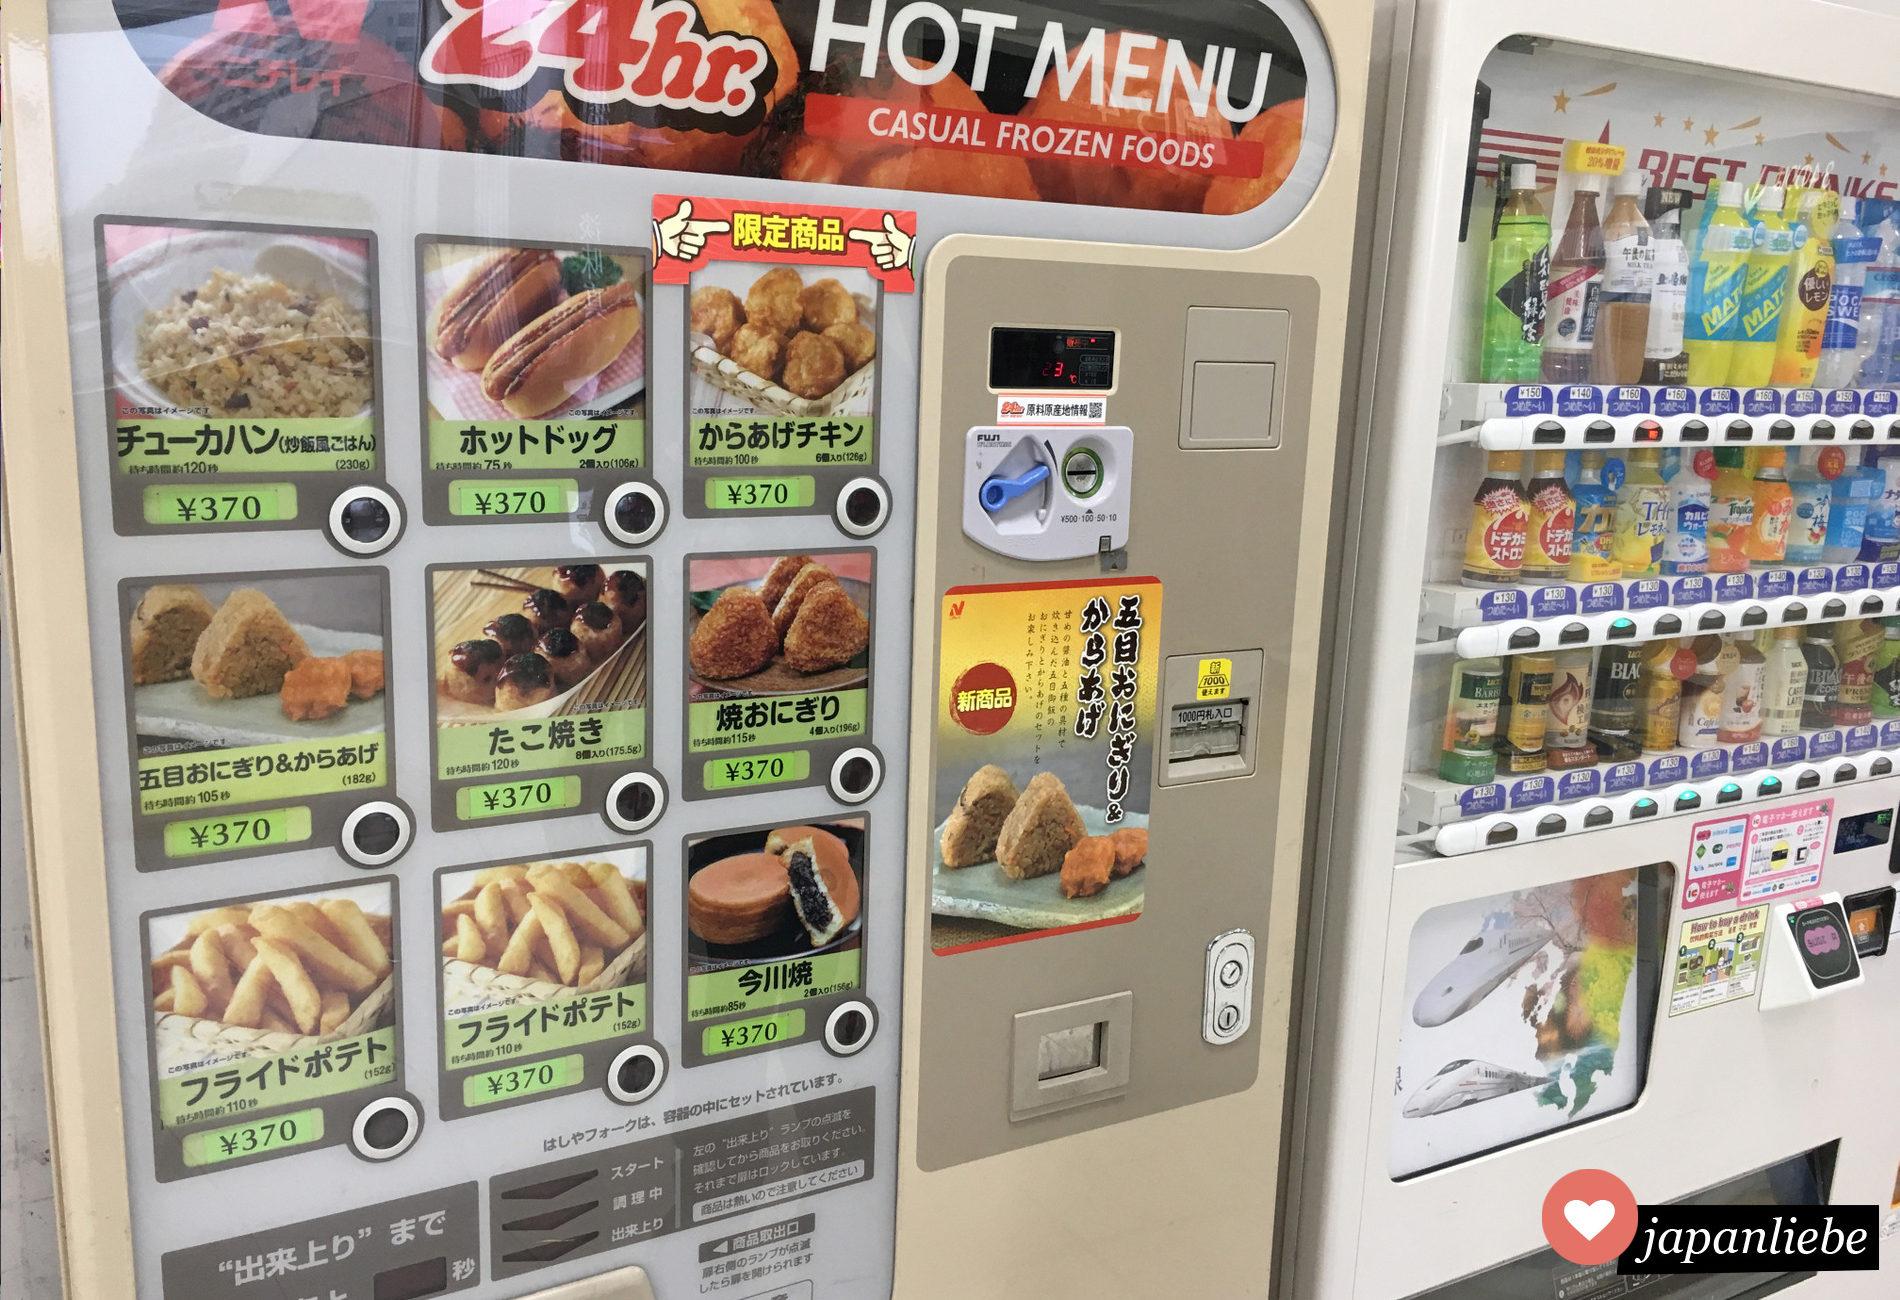 Am Bahnhof Kagoshima gibt es einen Automaten für tiefgekühlte Speisen, die frisch aufgewärmt werden.